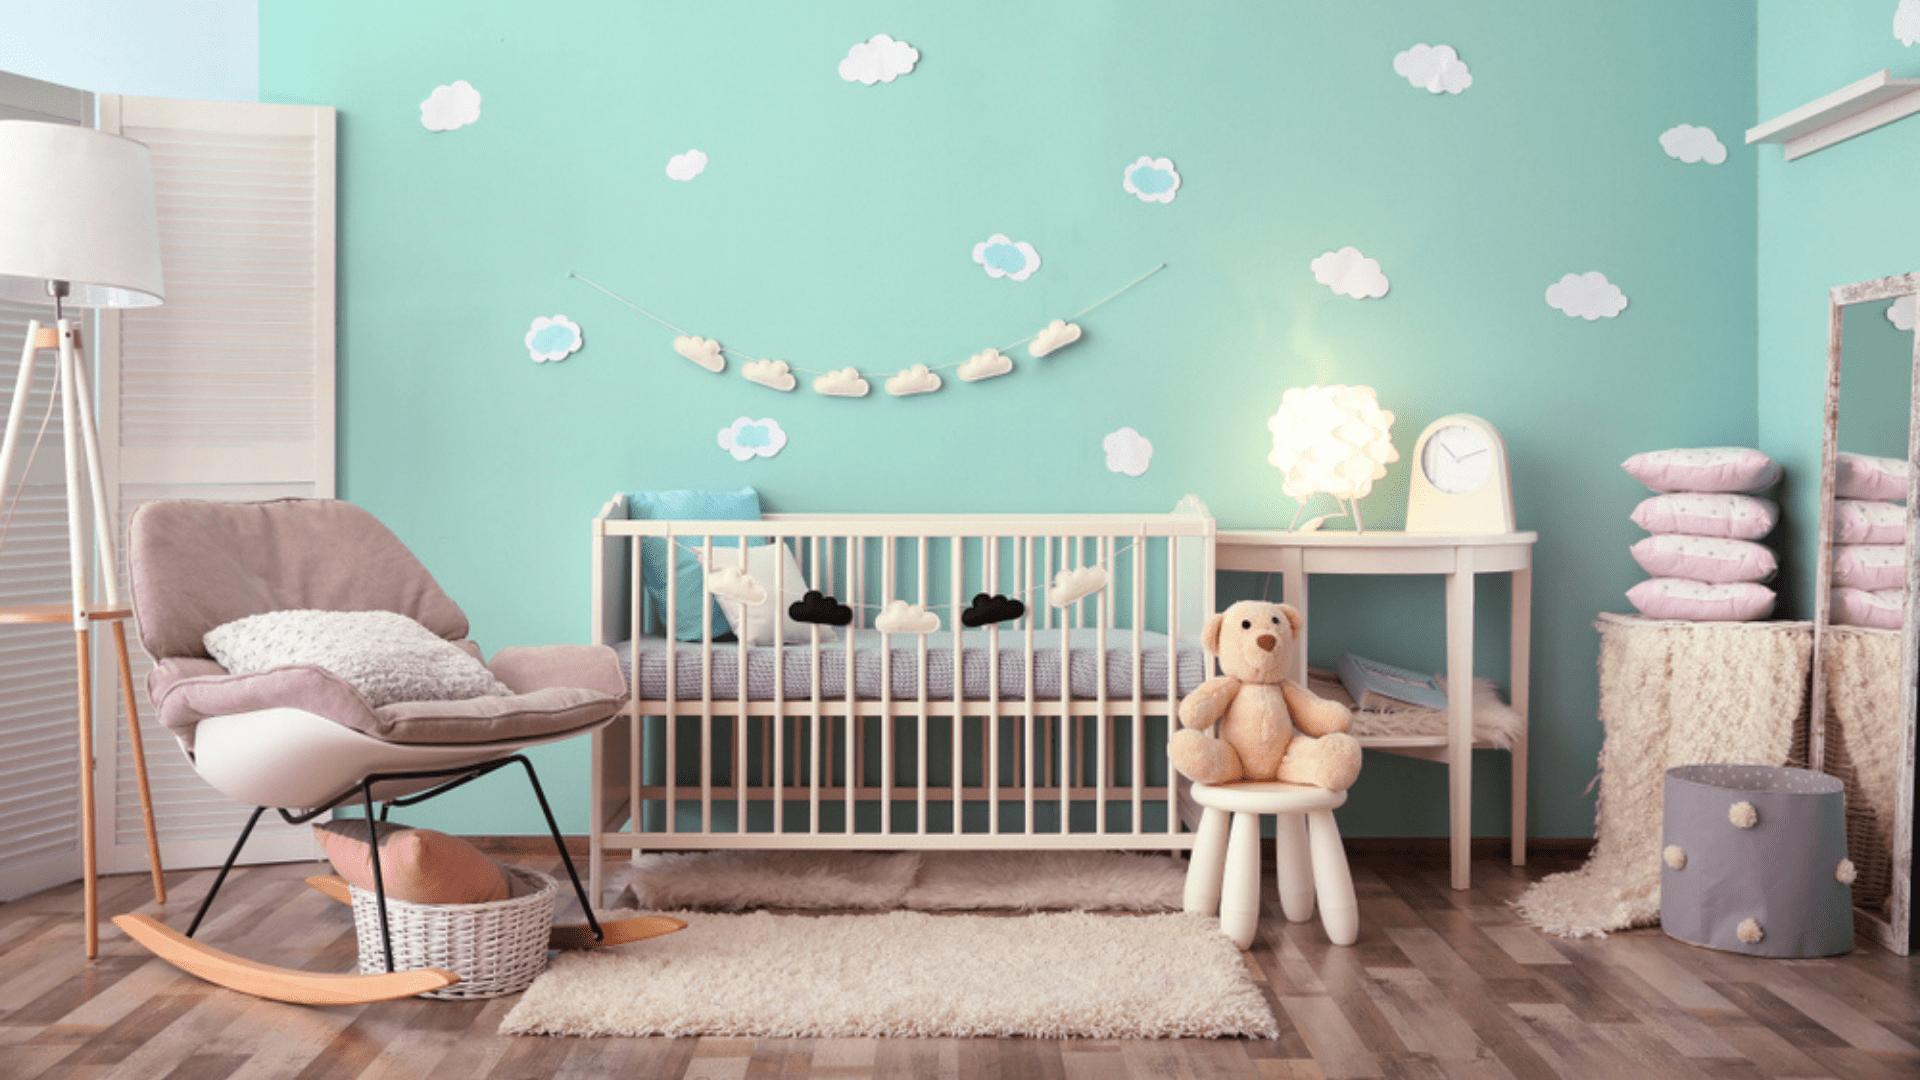 Veja algumas dicas que podem te ajudar a planejar o quarto do bebê (Imagem: Reprodução/Shutterstock)